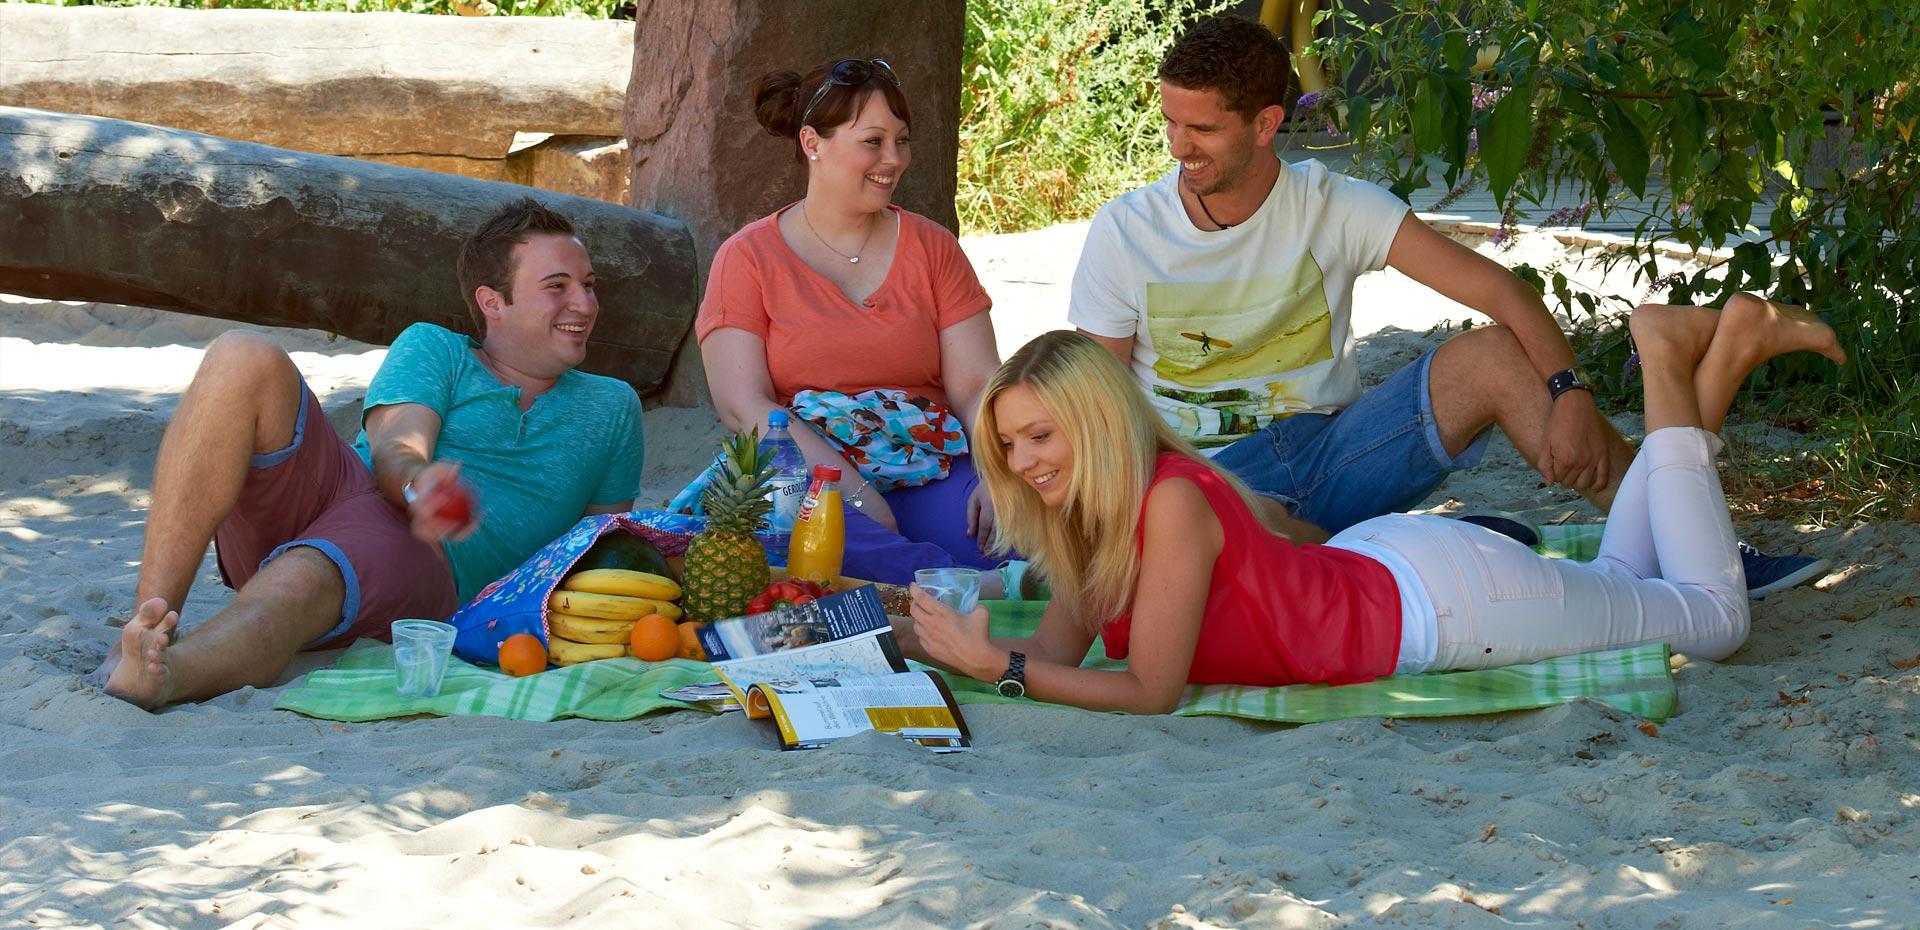 Zwei junge Männer, zwei junge Frauen beim Picknick im Sand